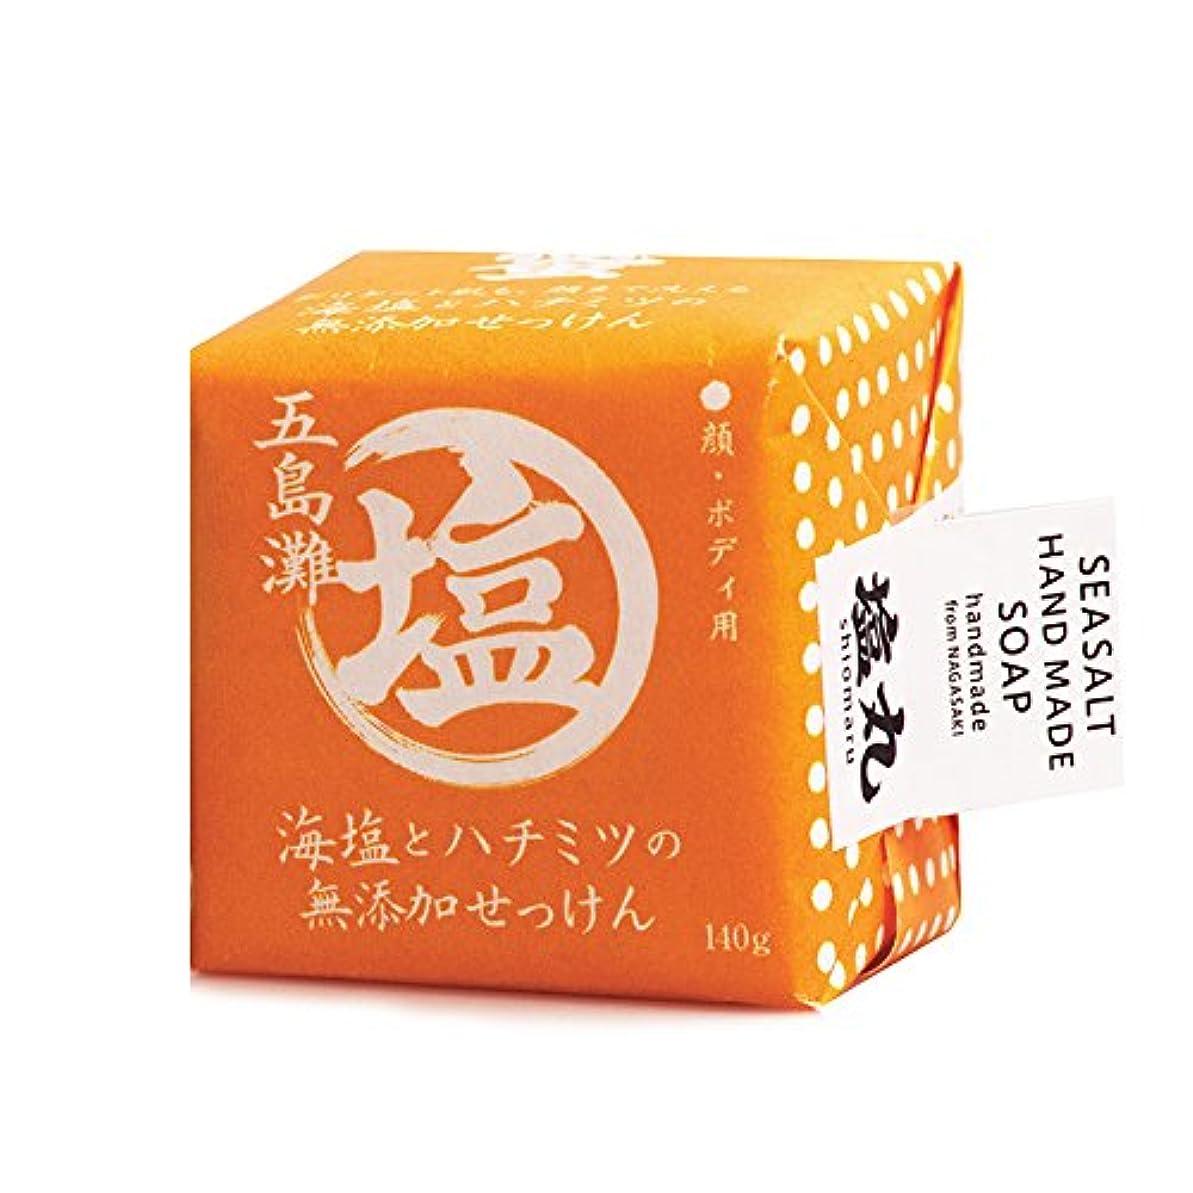 試用スイ南(塩丸)にがり入海塩の無添加せっけん/蜂蜜